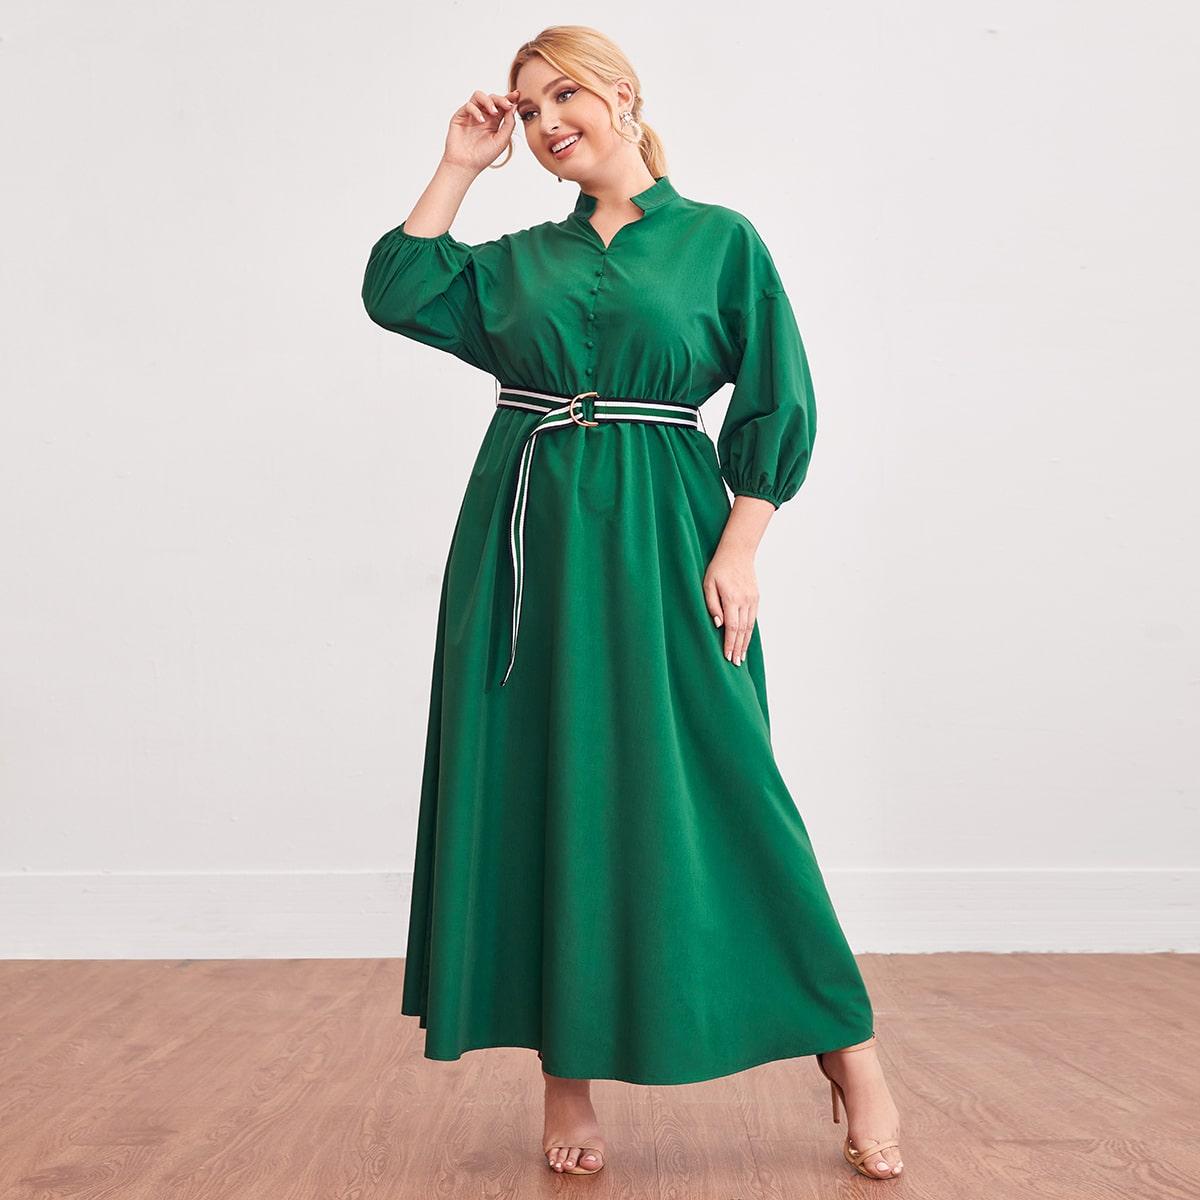 SHEIN / Hemdkleid mit sehr tief angesetzter Schulterpartie & Gürtel mit Streifen und Schnalle